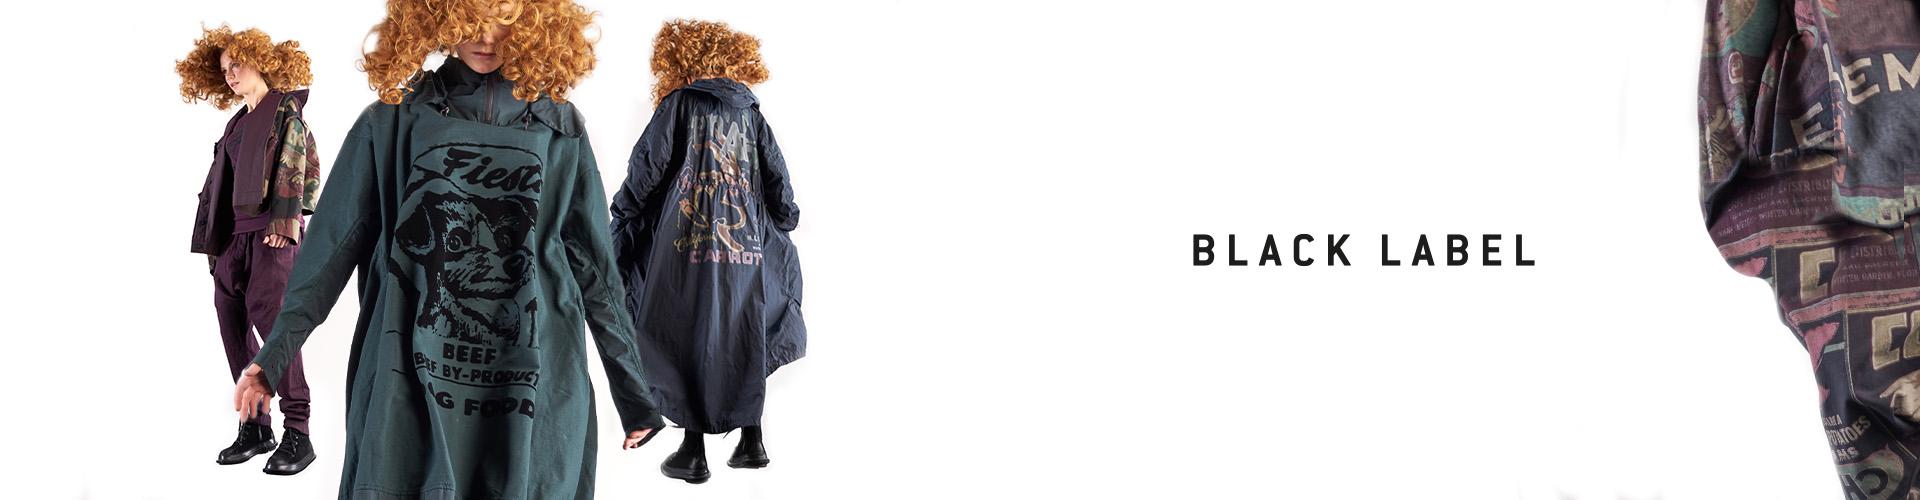 RUNDHOLZ BLACK LABEL - stark reduzierte Artikel finden Sie in unserem Sale Bereich!